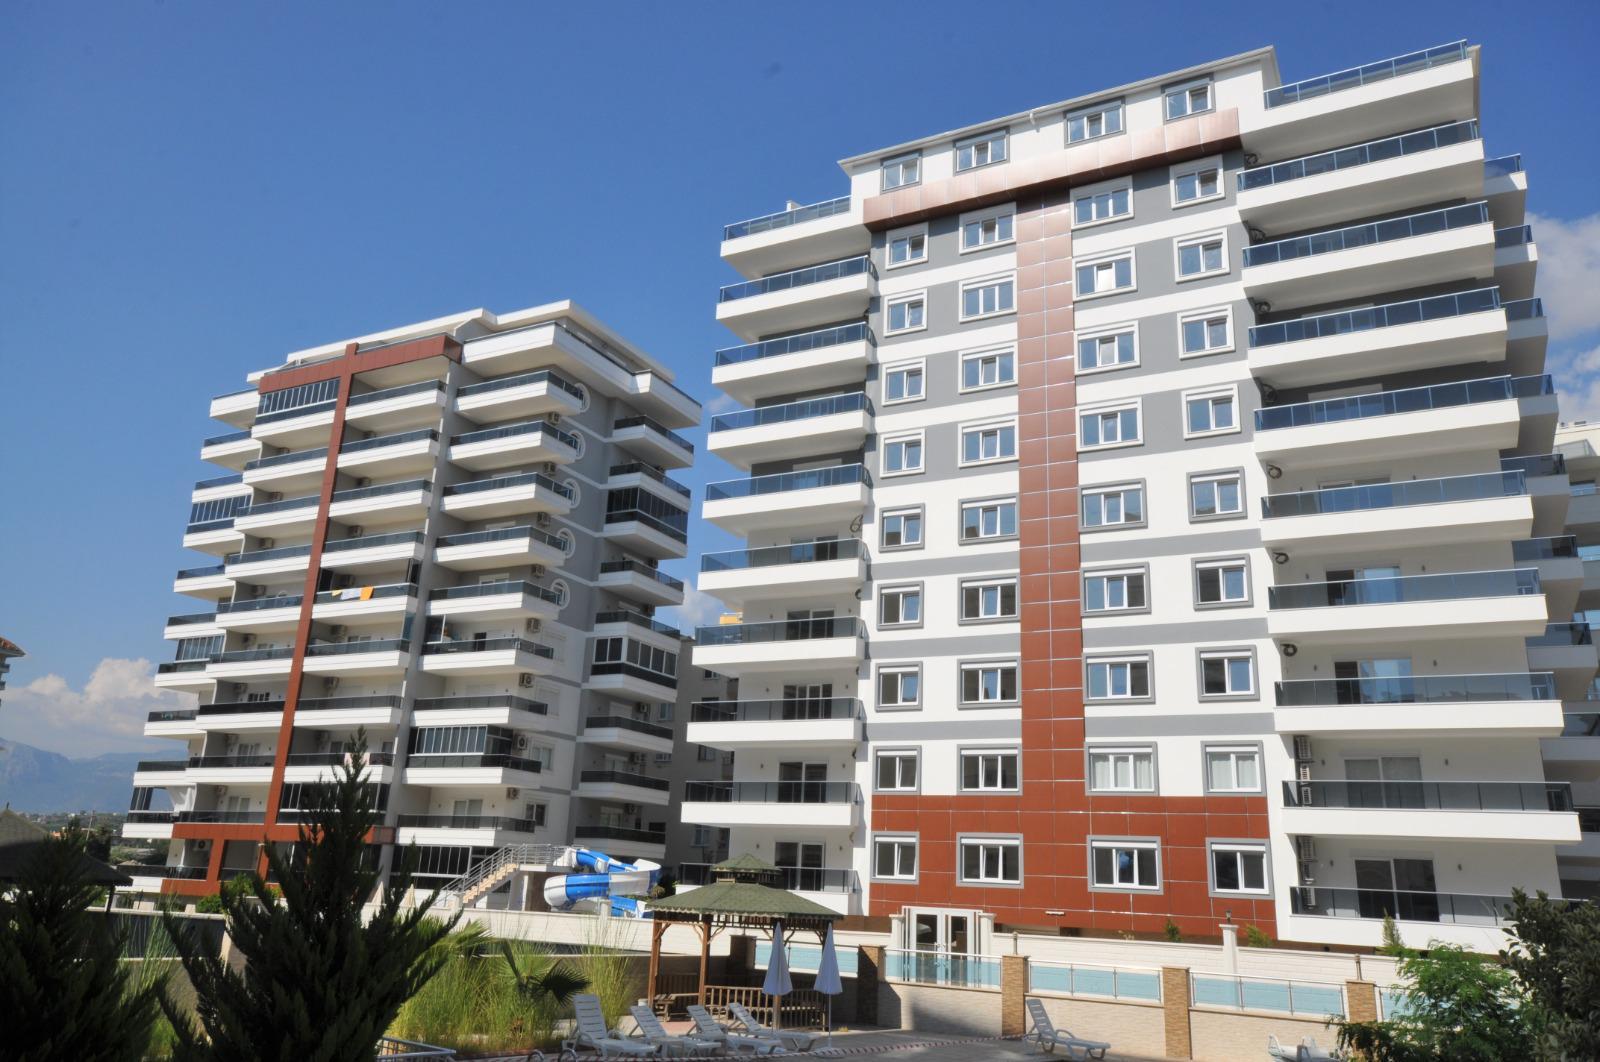 Квартира 1+1 в жилом комплексе района Махмутлар - Фото 1